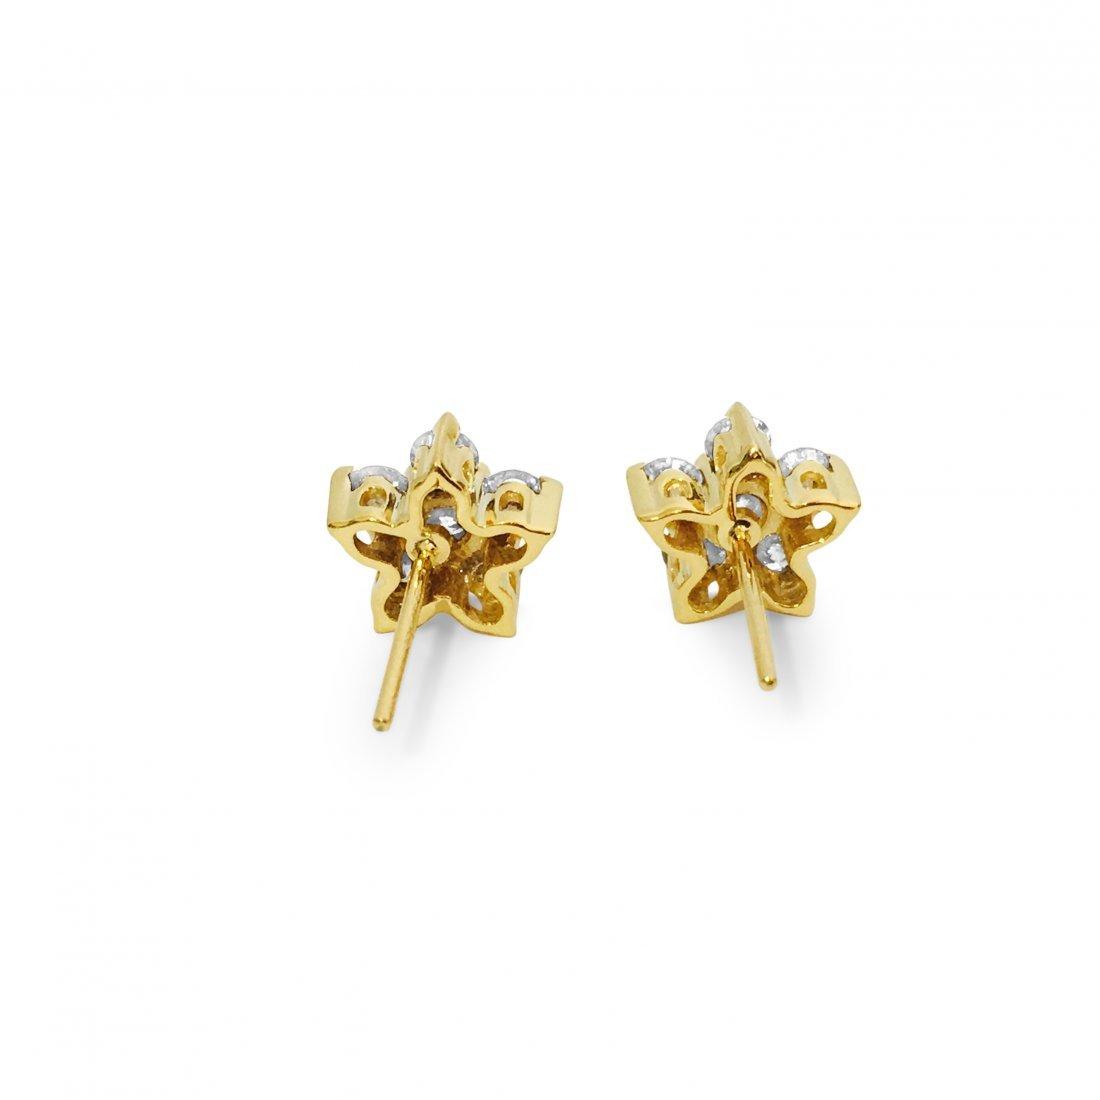 14K Gold Star Diamond Earrings - 3